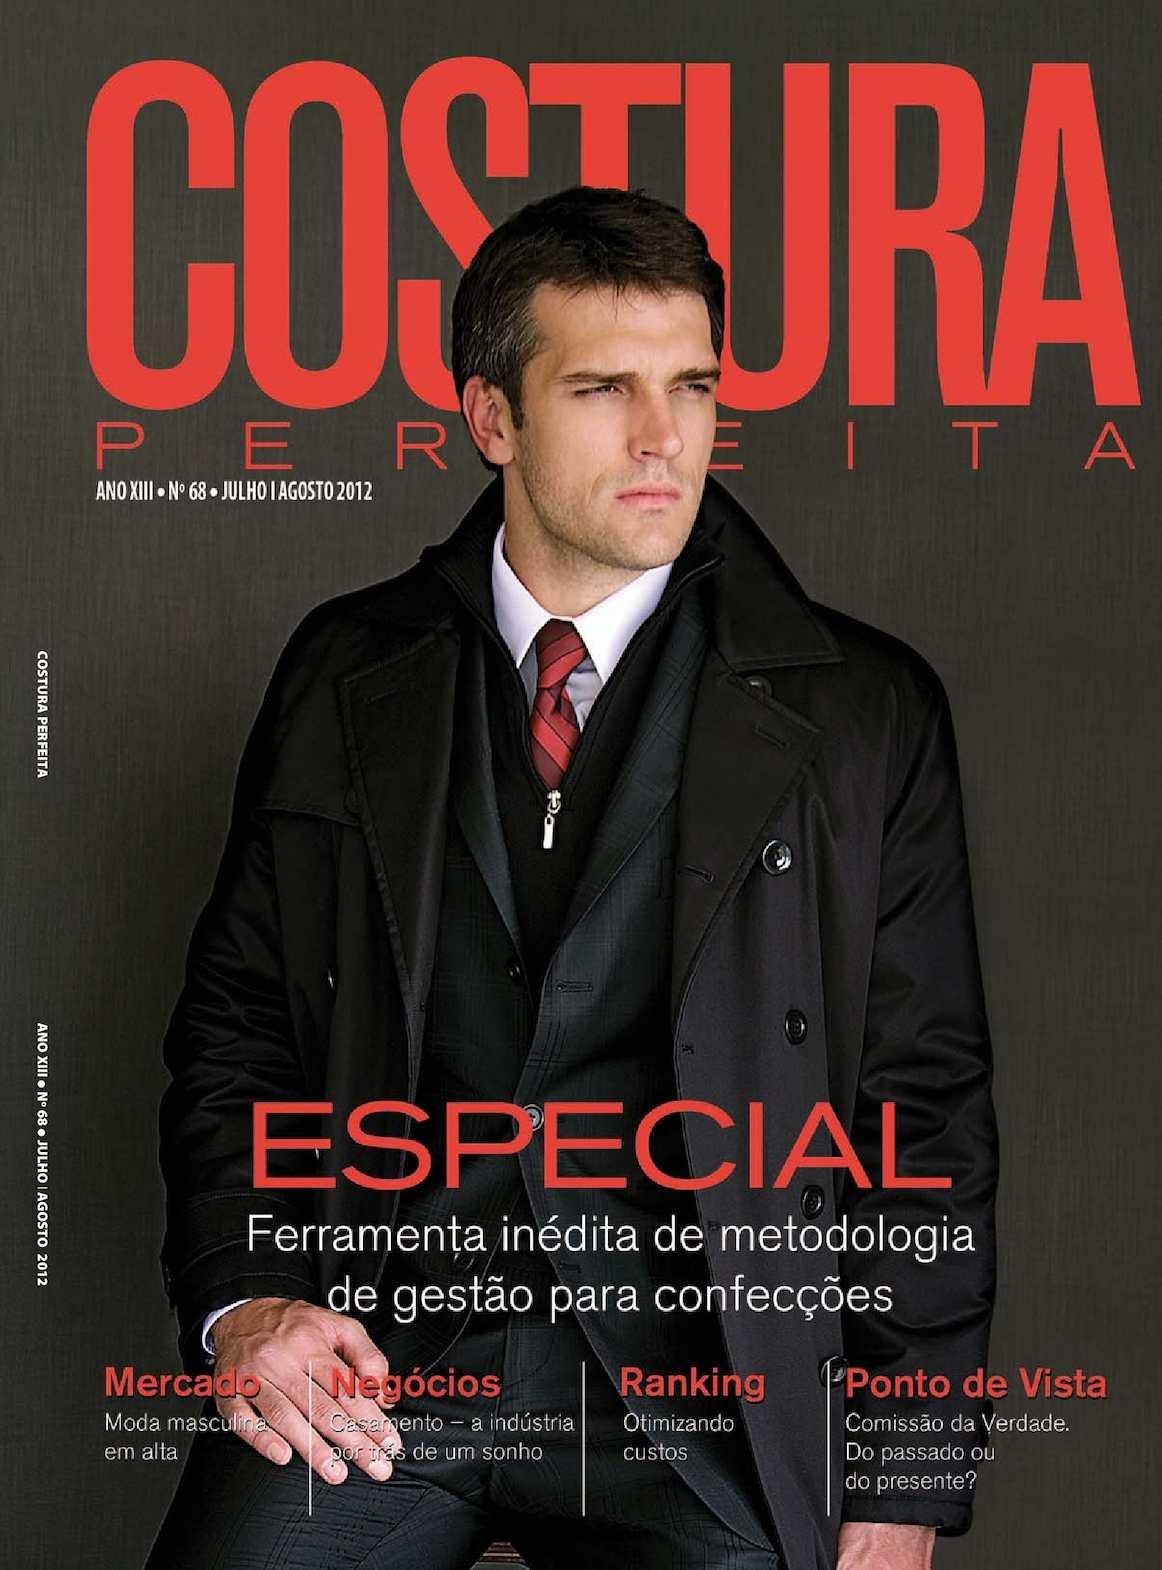 Calaméo - Revista Costura Perfeita Edição Ano XIII - N68 - Julho-Agosto 2012 d6b5ec0f93e